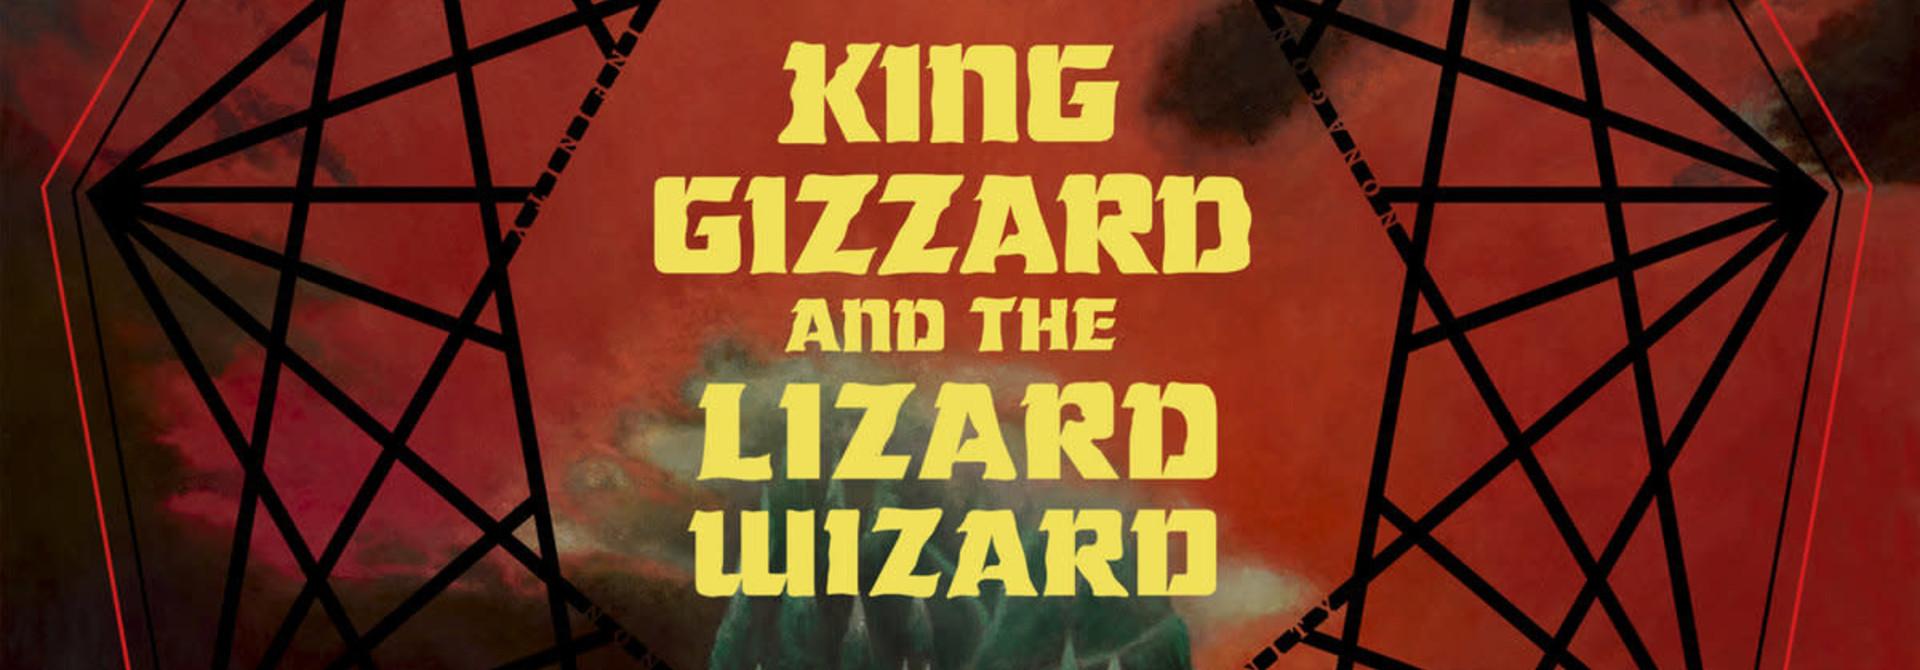 King Gizzard & the Lizard Wizard • Nonagon Infinity (Pressage tricolore)